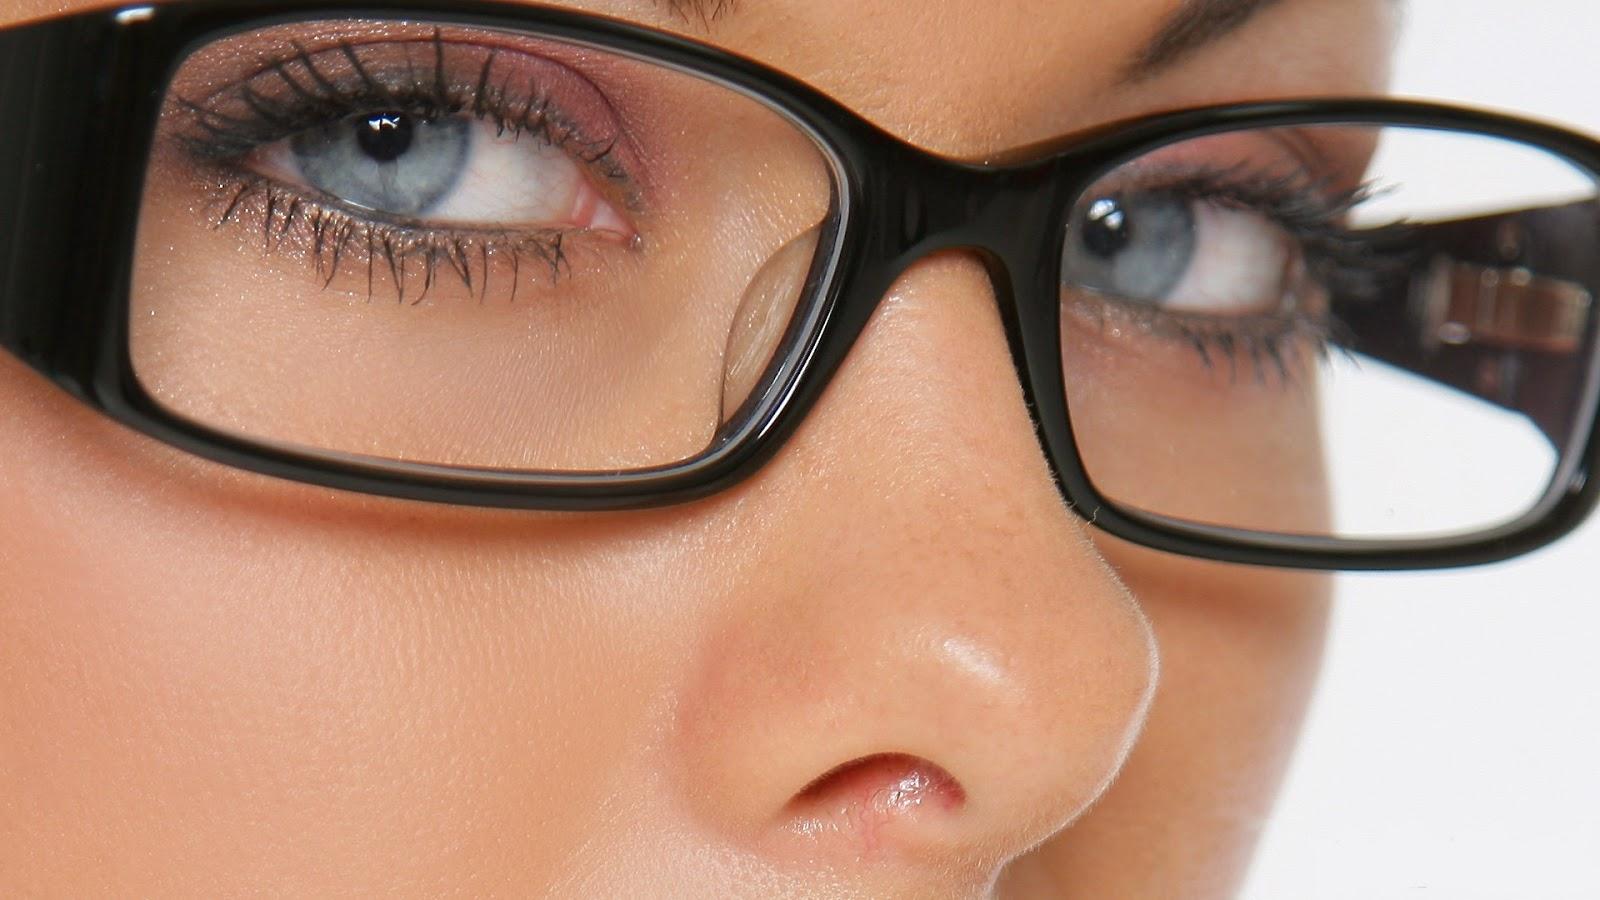 اعراض اصابتك بامراض تظهر من عينك